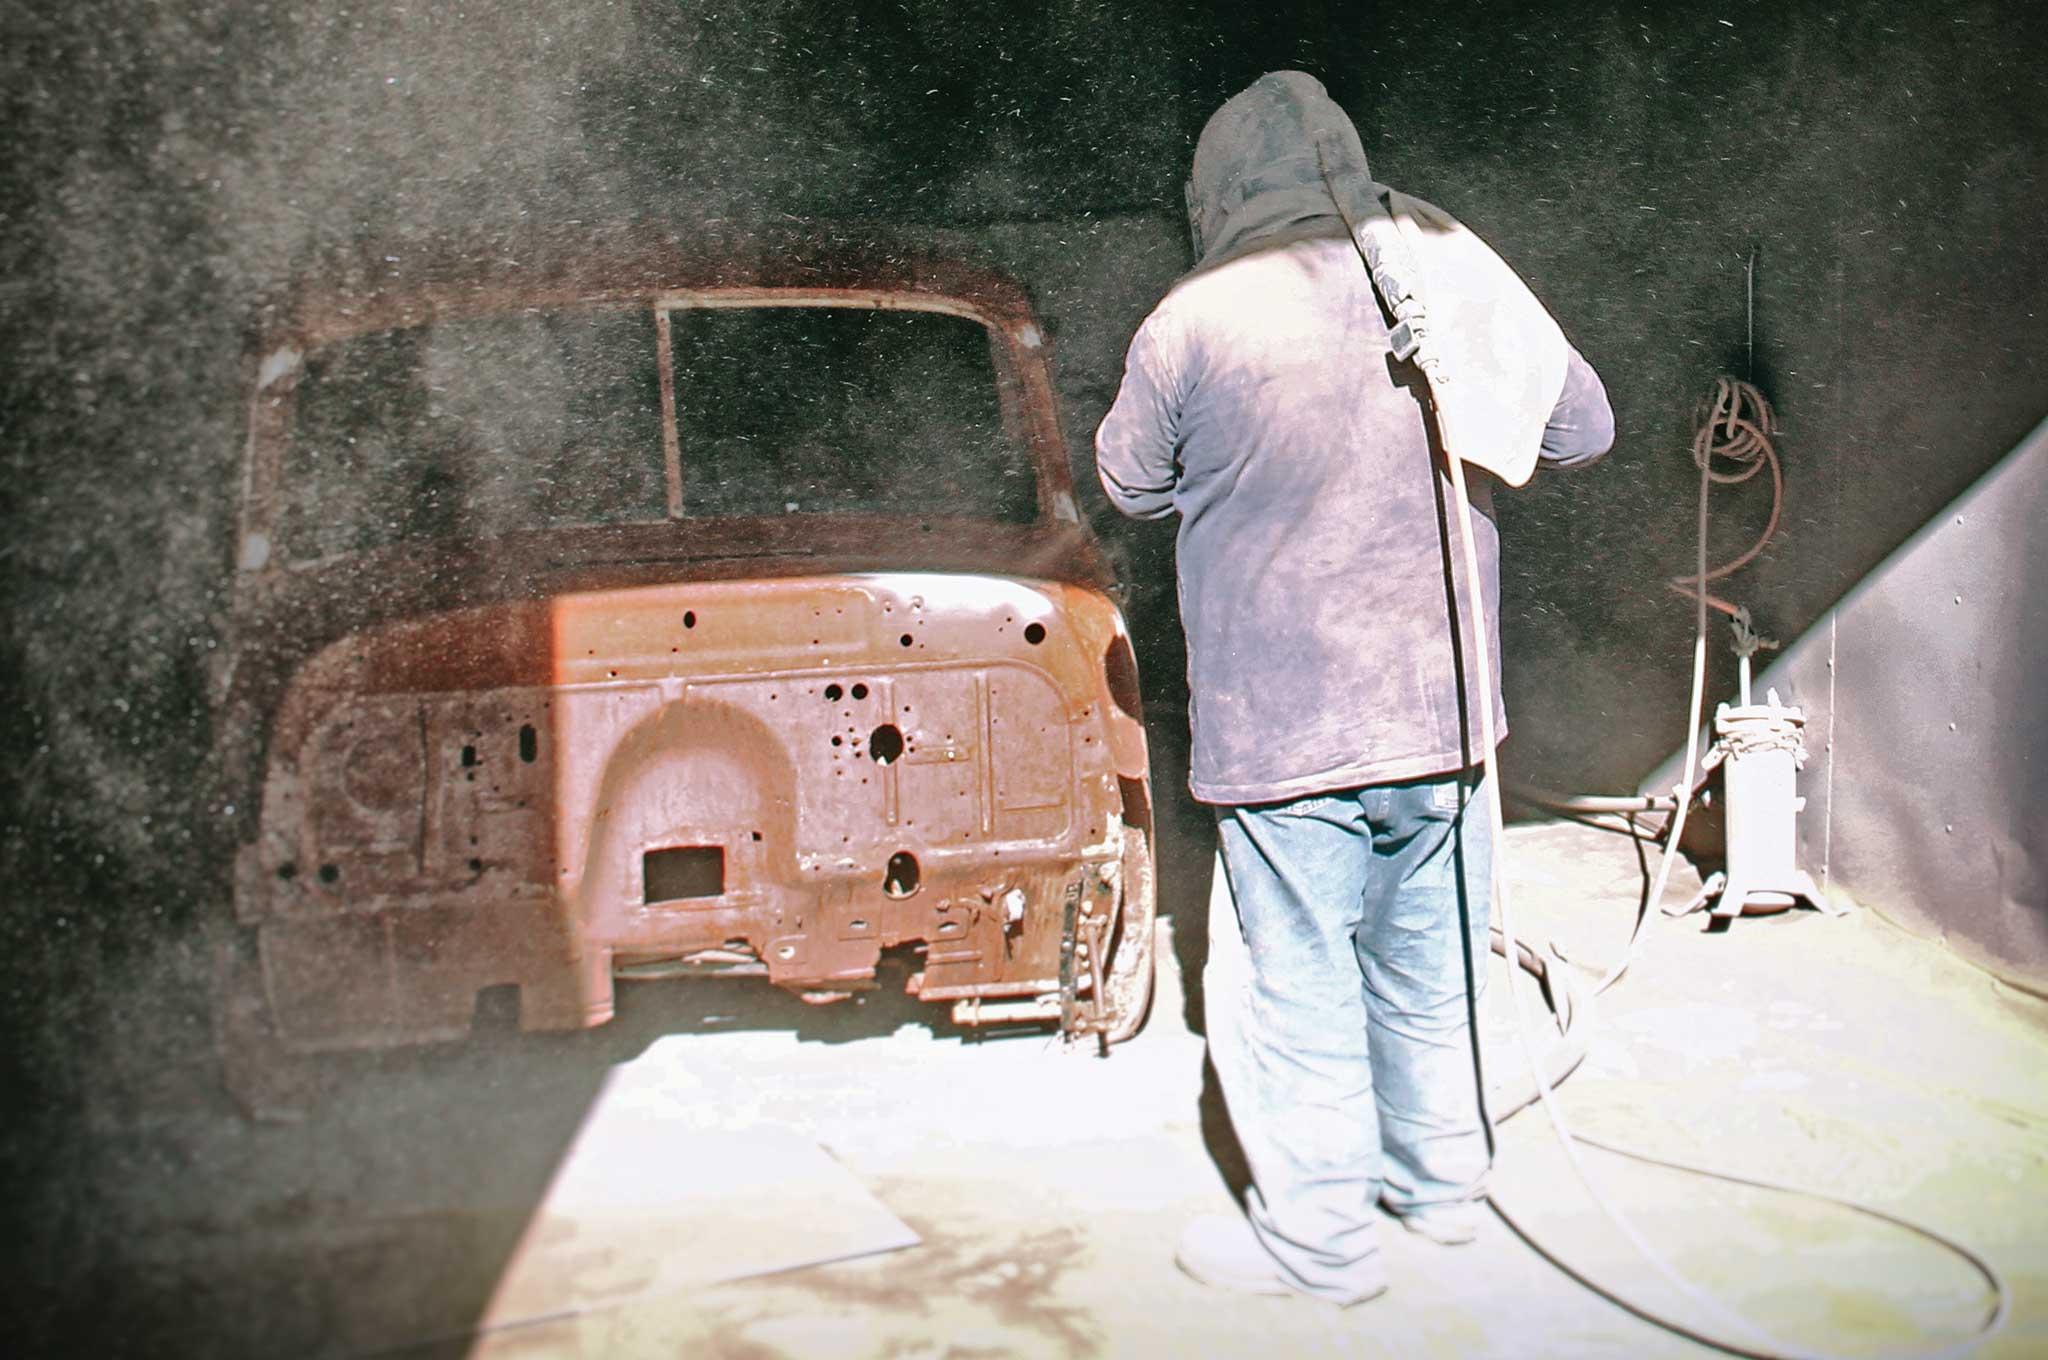 Worker sandblasting a truck cab.